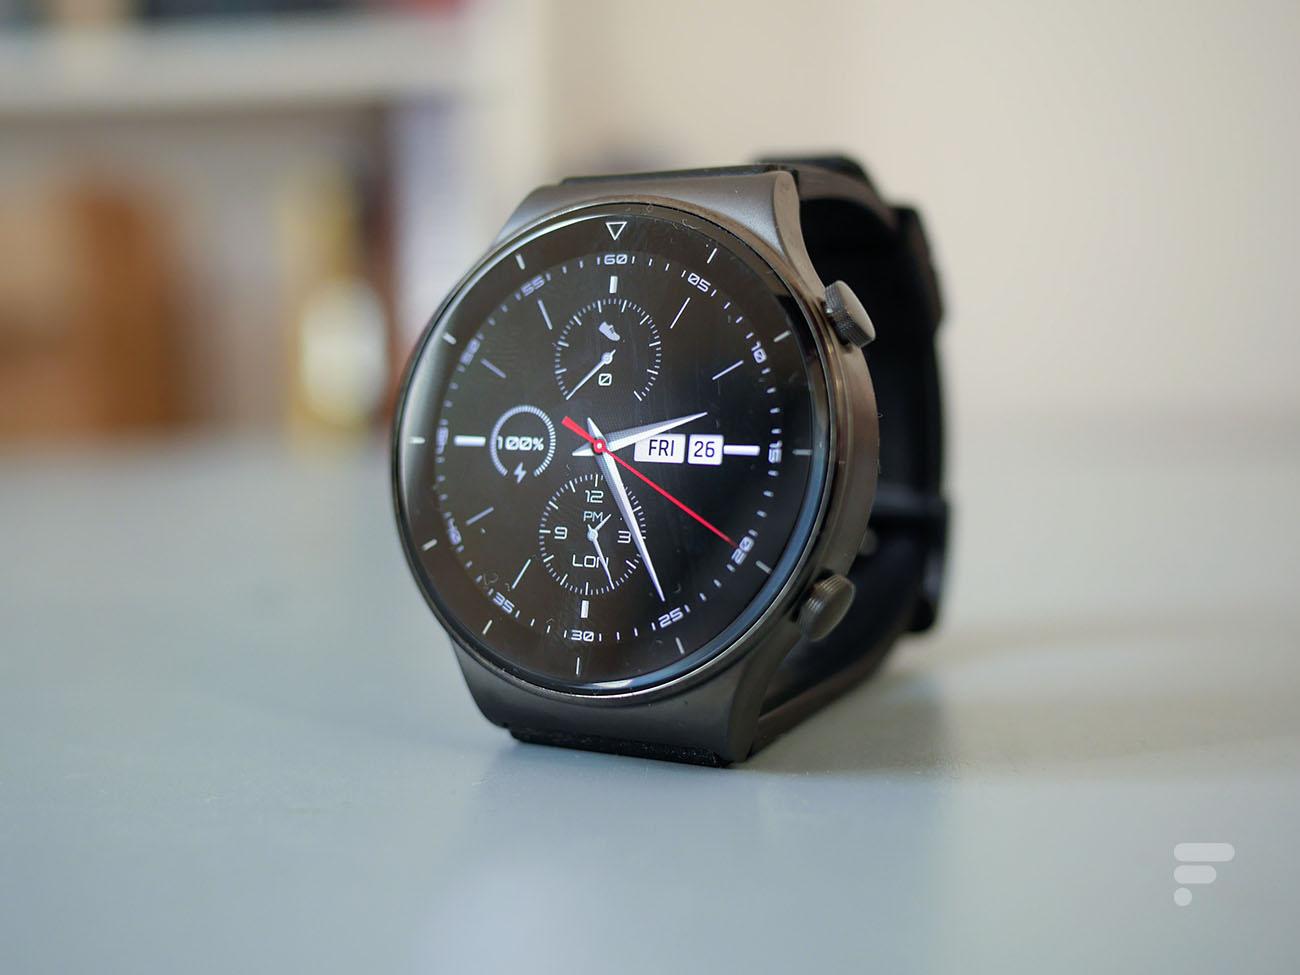 Le prix de la Huawei Watch GT 2 Pro dégringole grâce à plus de 55 % de réduction